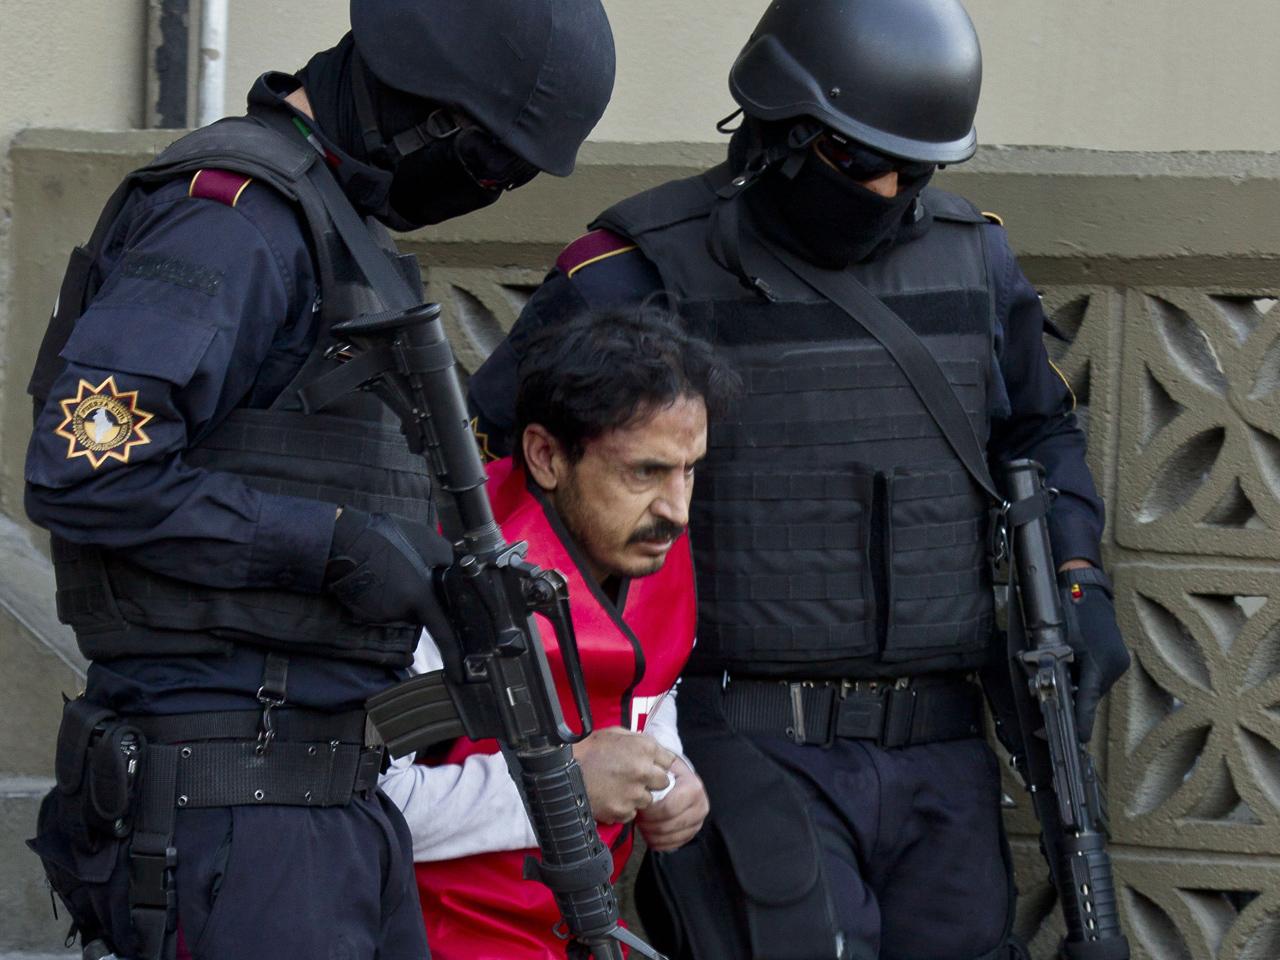 Mexican cartel nicknames get dirtier, grittier - CBS News